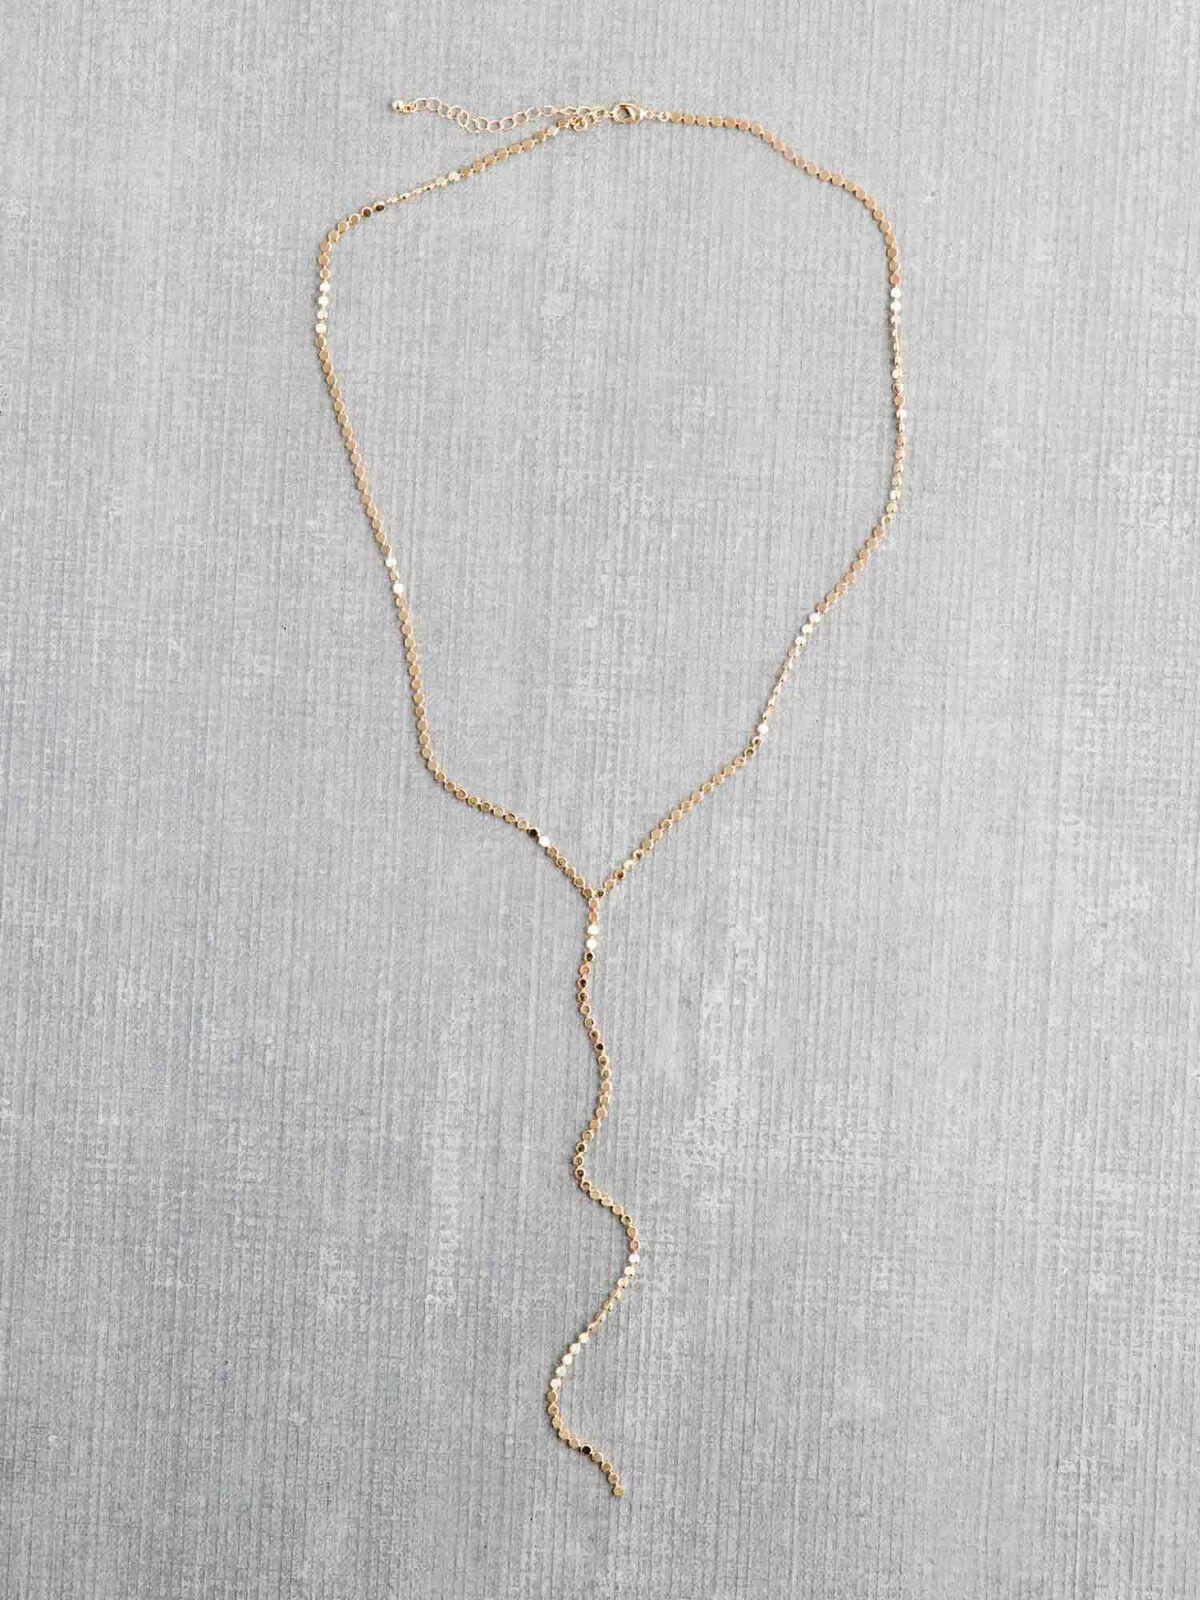 Marlyn Schiff Single Strand Y Necklace